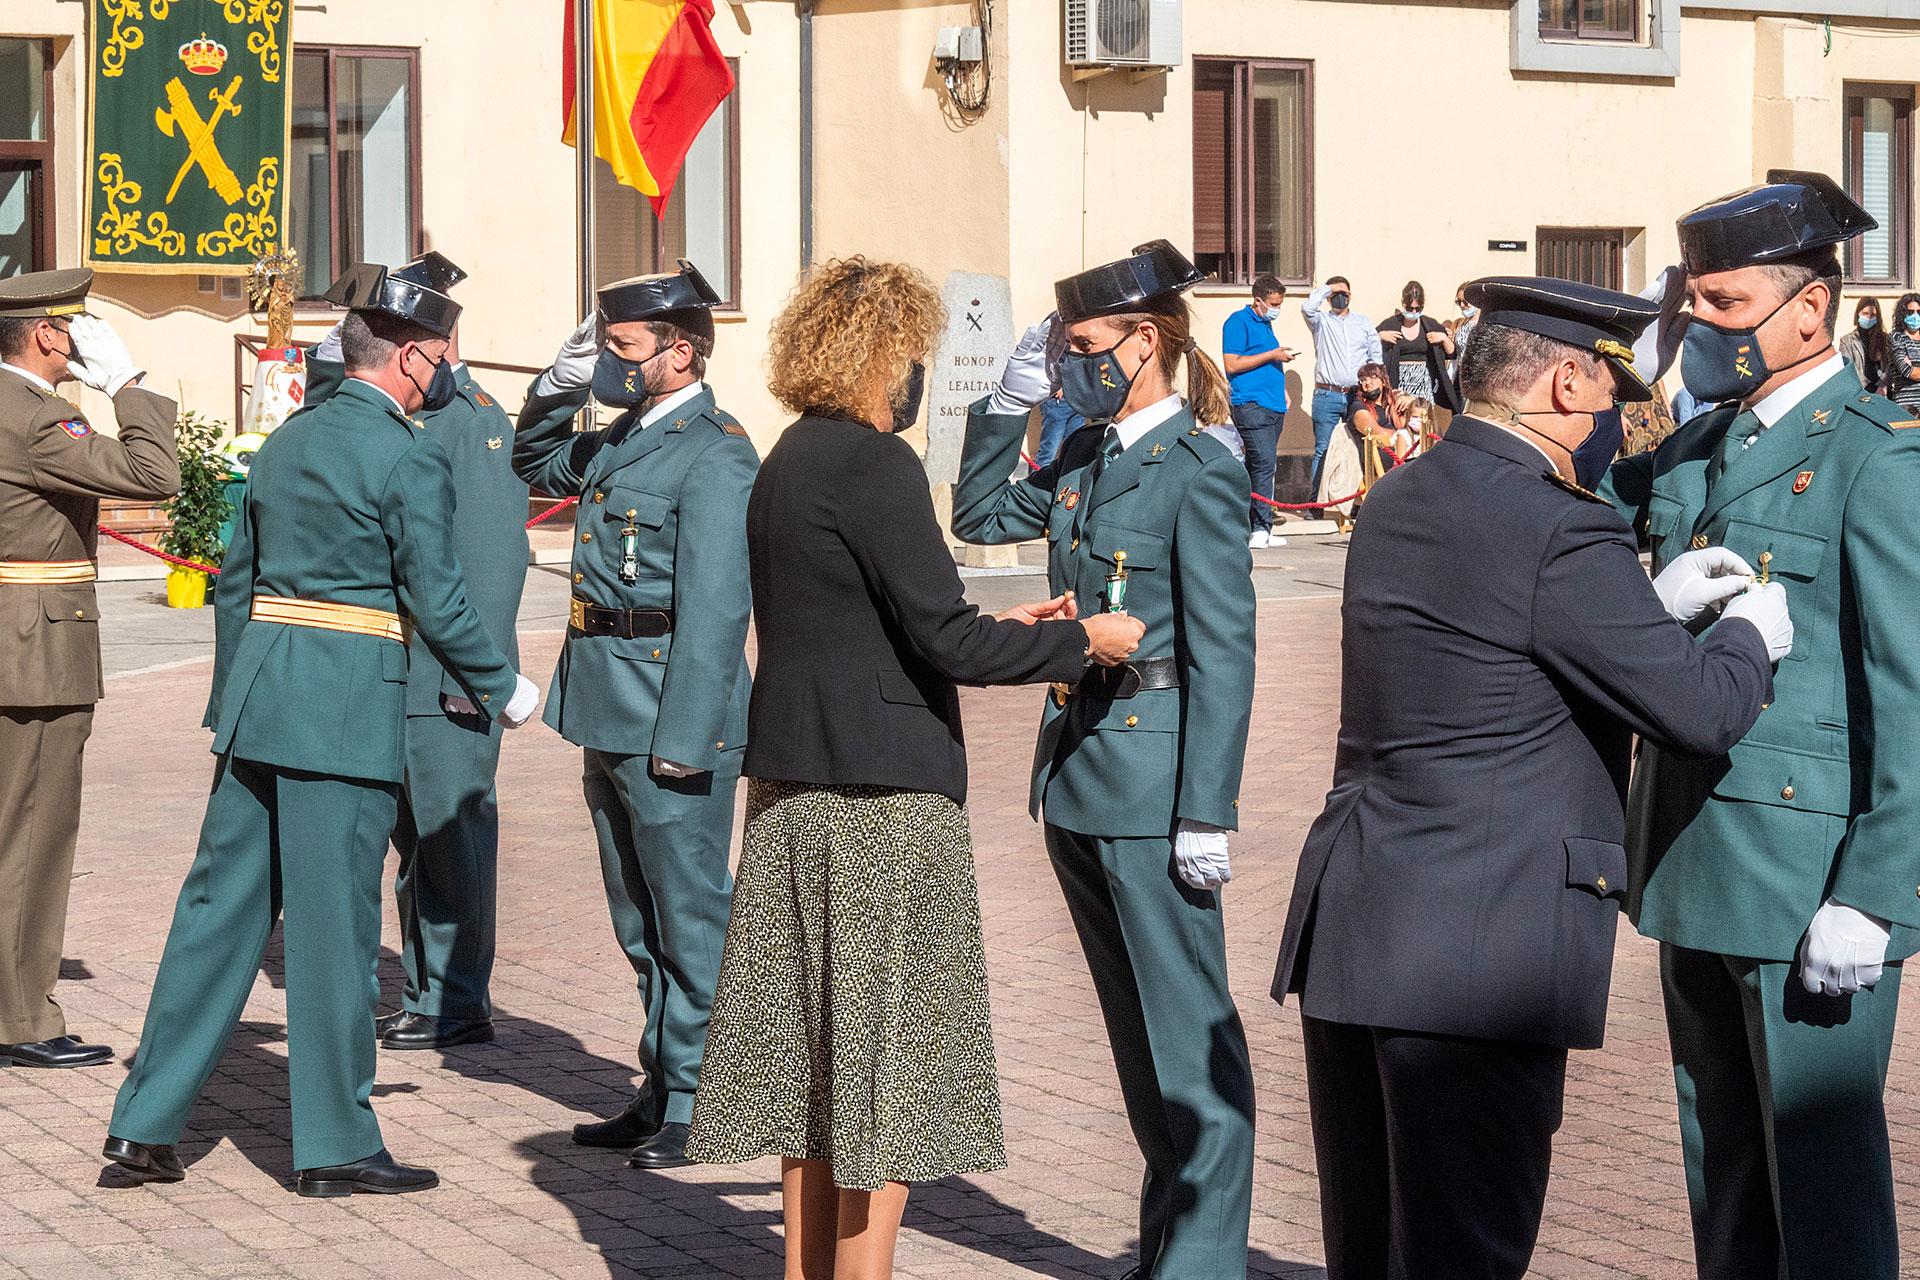 Imposición de condecoraciones por su trayectoria y labor a miembros del cuerpo y personal civil. / KAMARERO